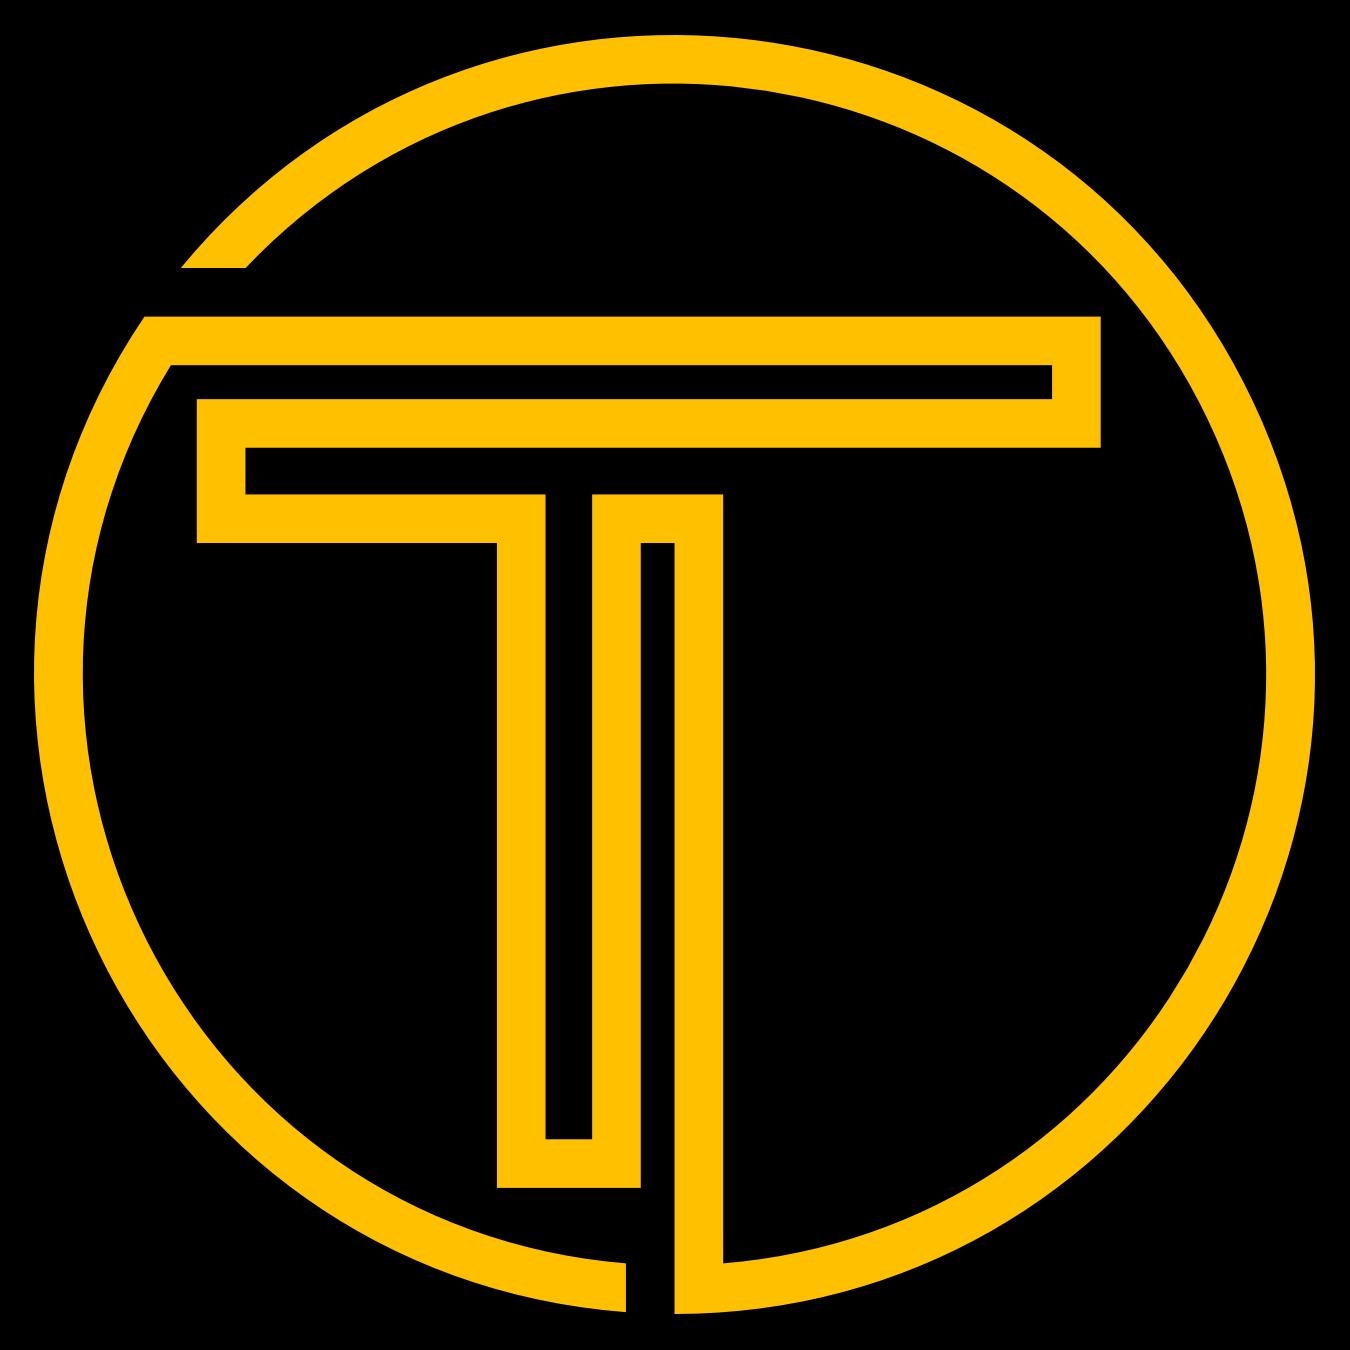 tracktor startup BTP logo